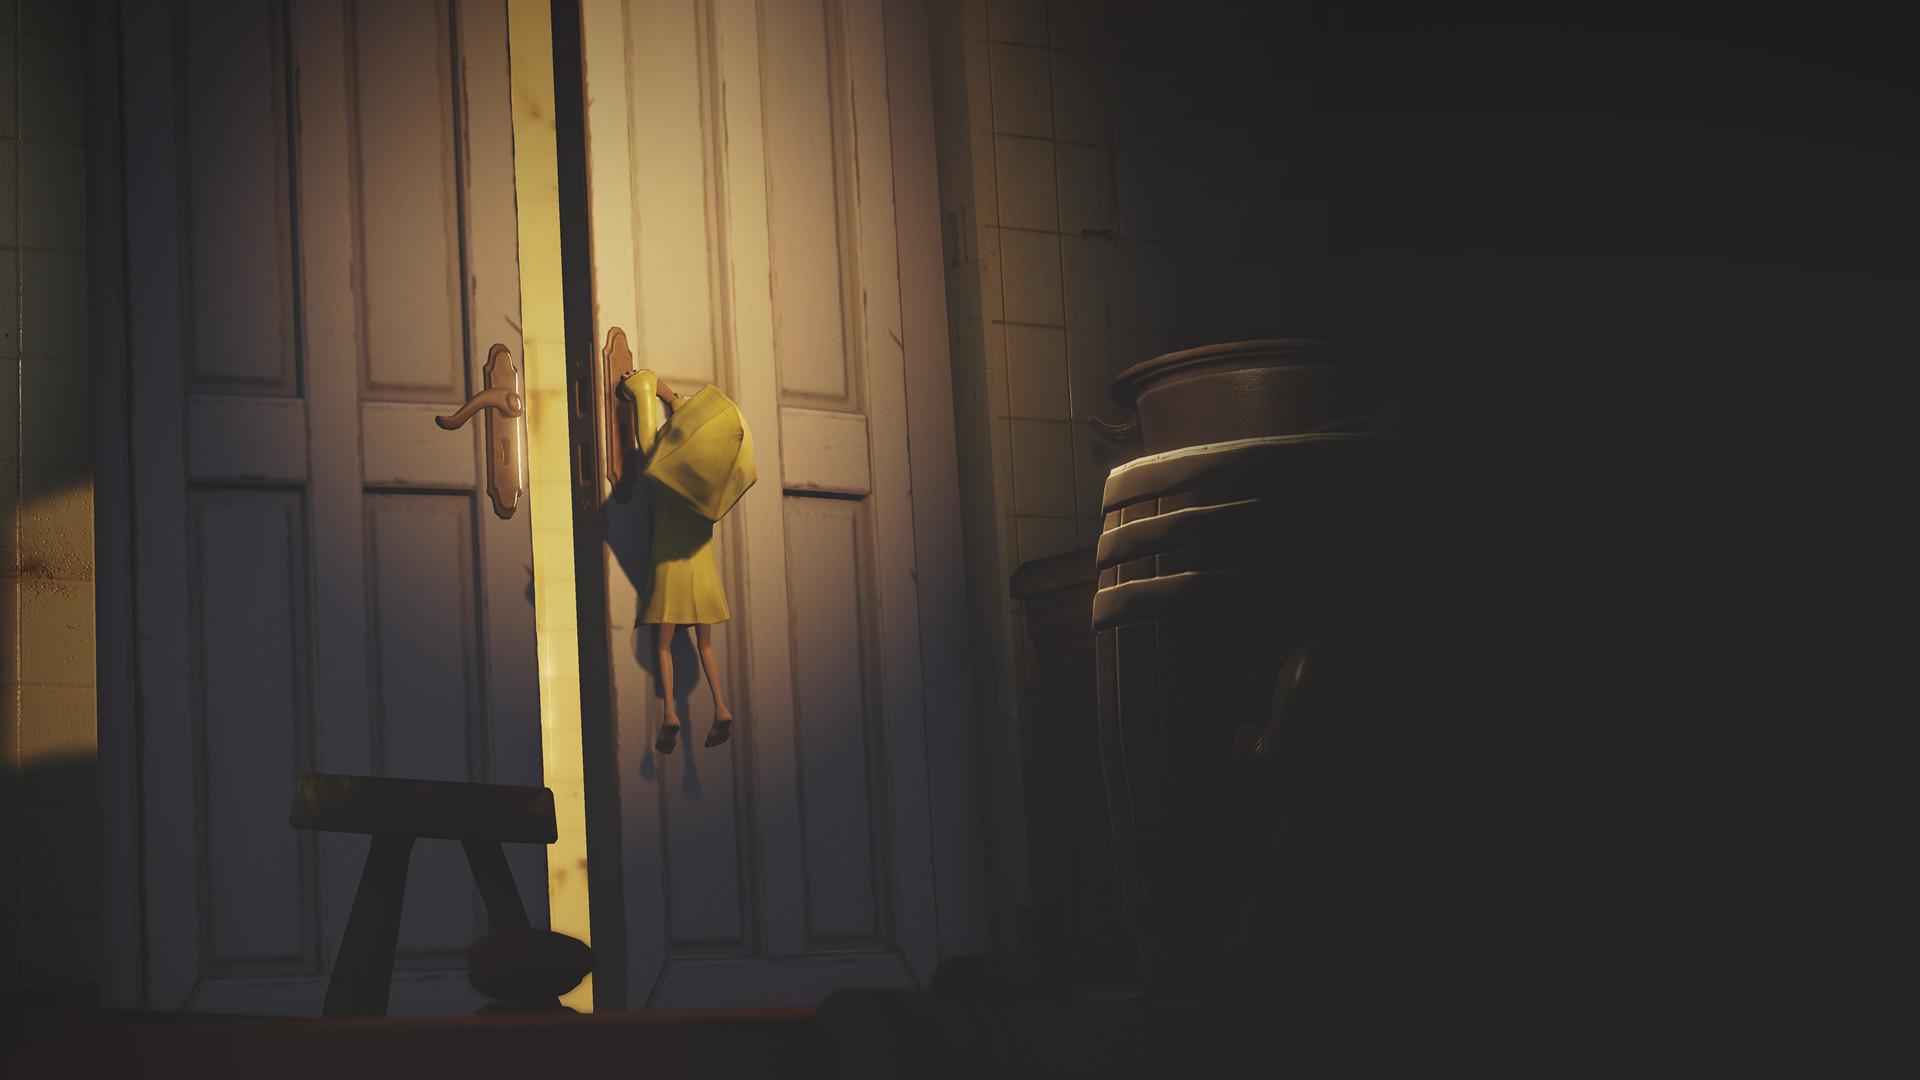 اکانت اریجینال استیم بازی Little Nightmares | با ایمیل اکانت